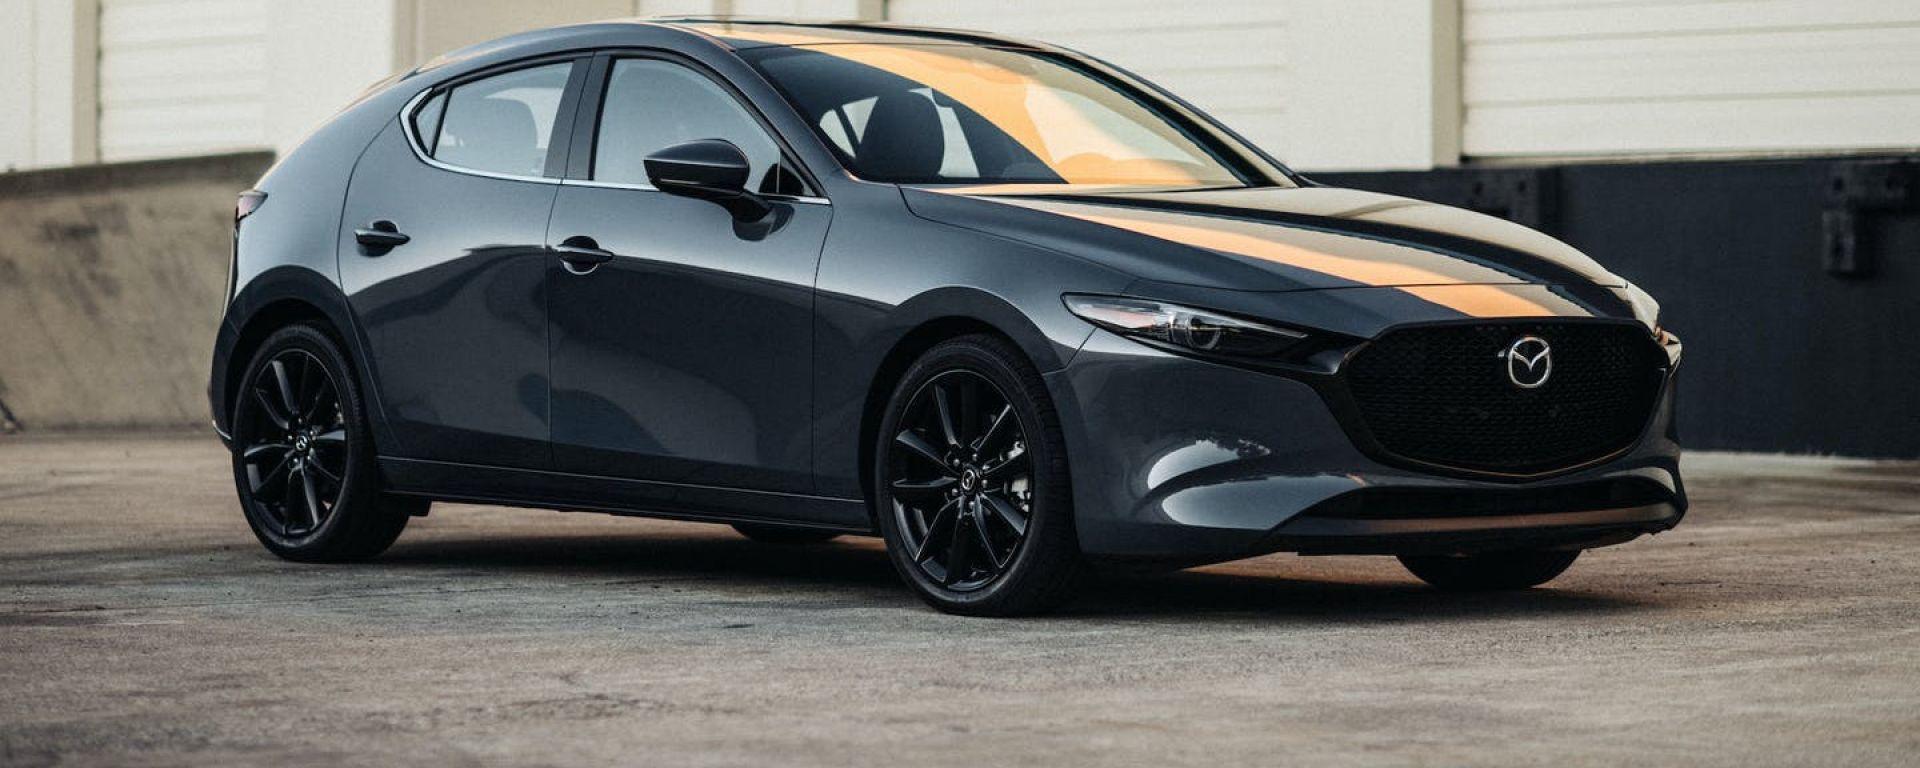 Nuova Mazda3 Turbo: il 3/4 anteriore